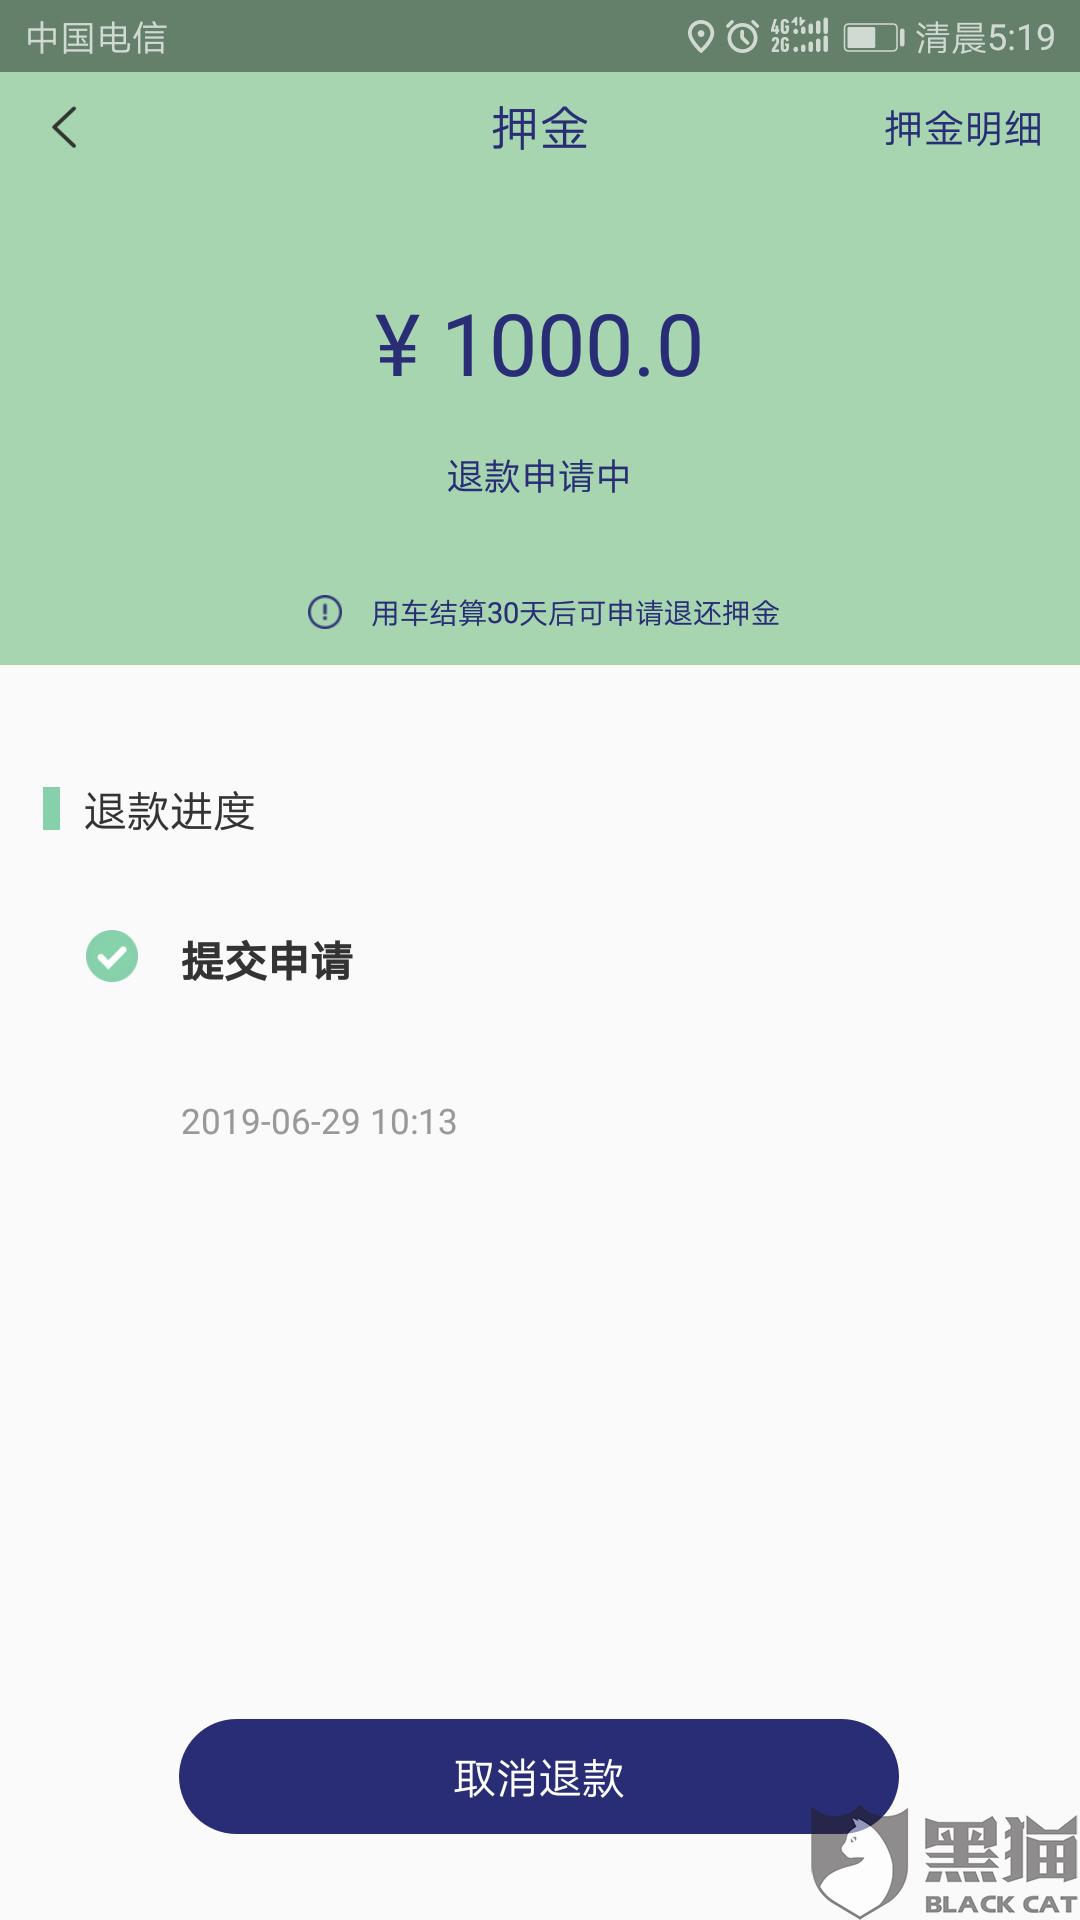 黑猫投诉:广州盼达用车恶意不退押金,敷衍客户